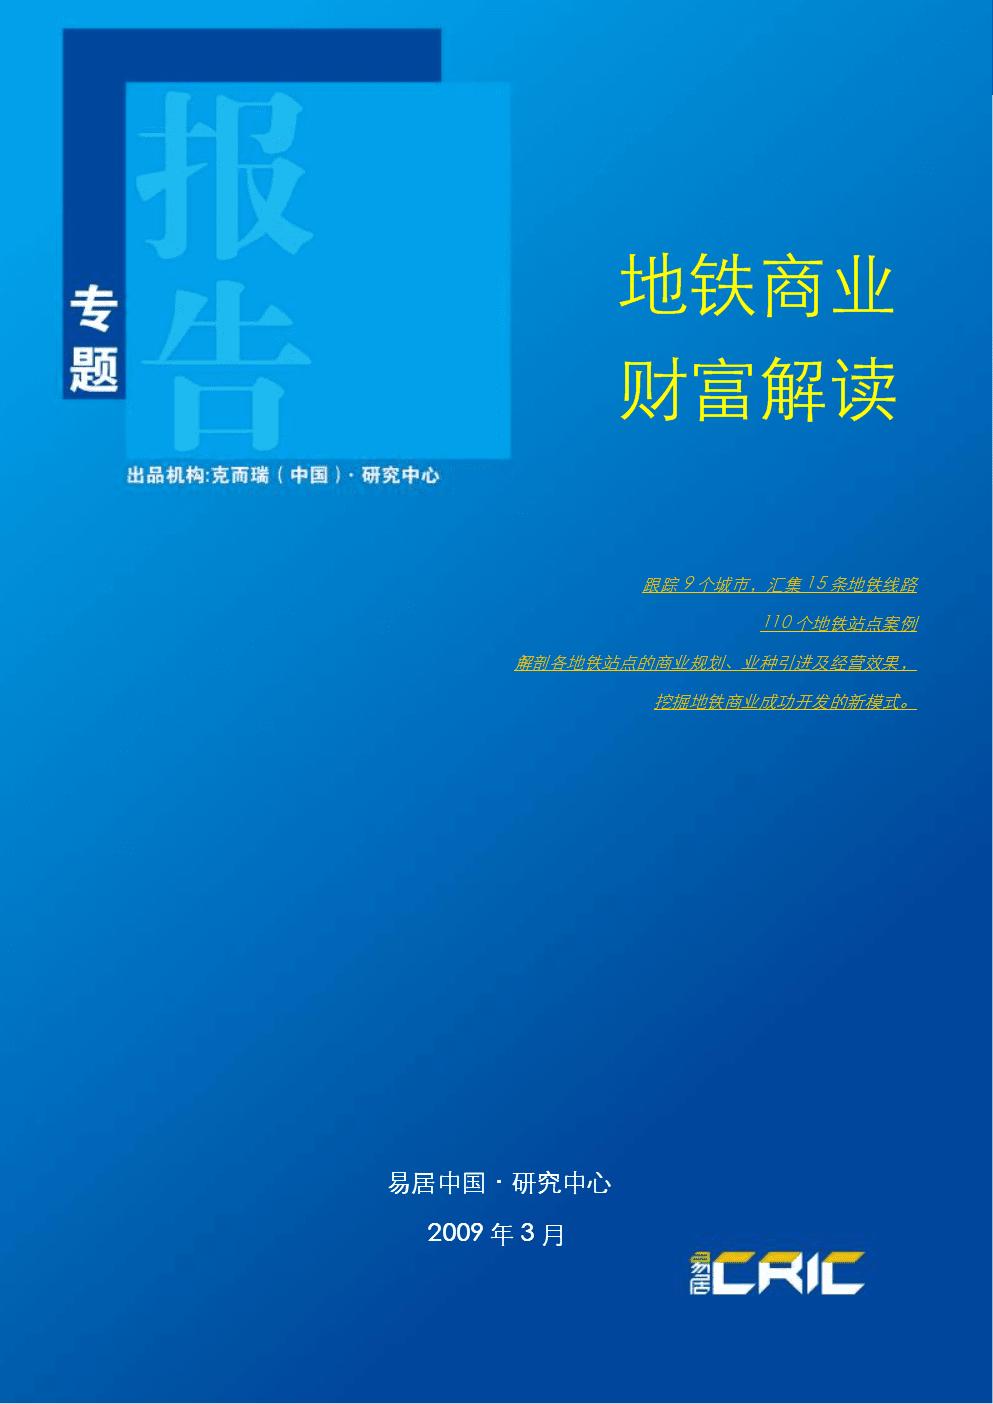 地铁商业财富解读.doc